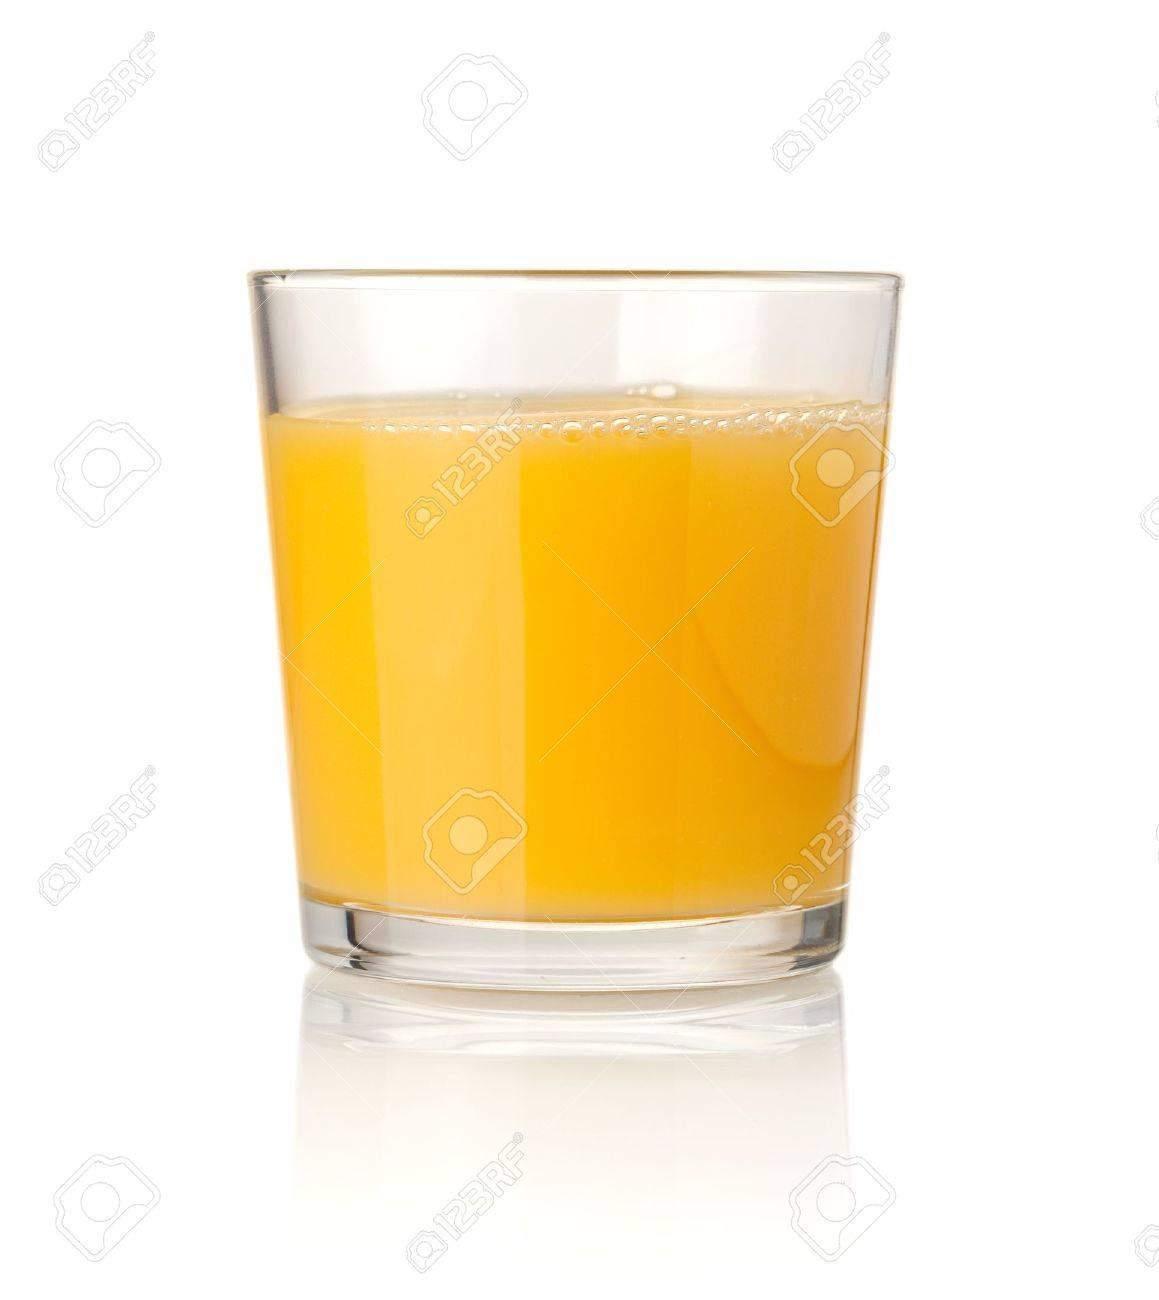 Orange juice. Isolated on white background Stock Photo - 7491930